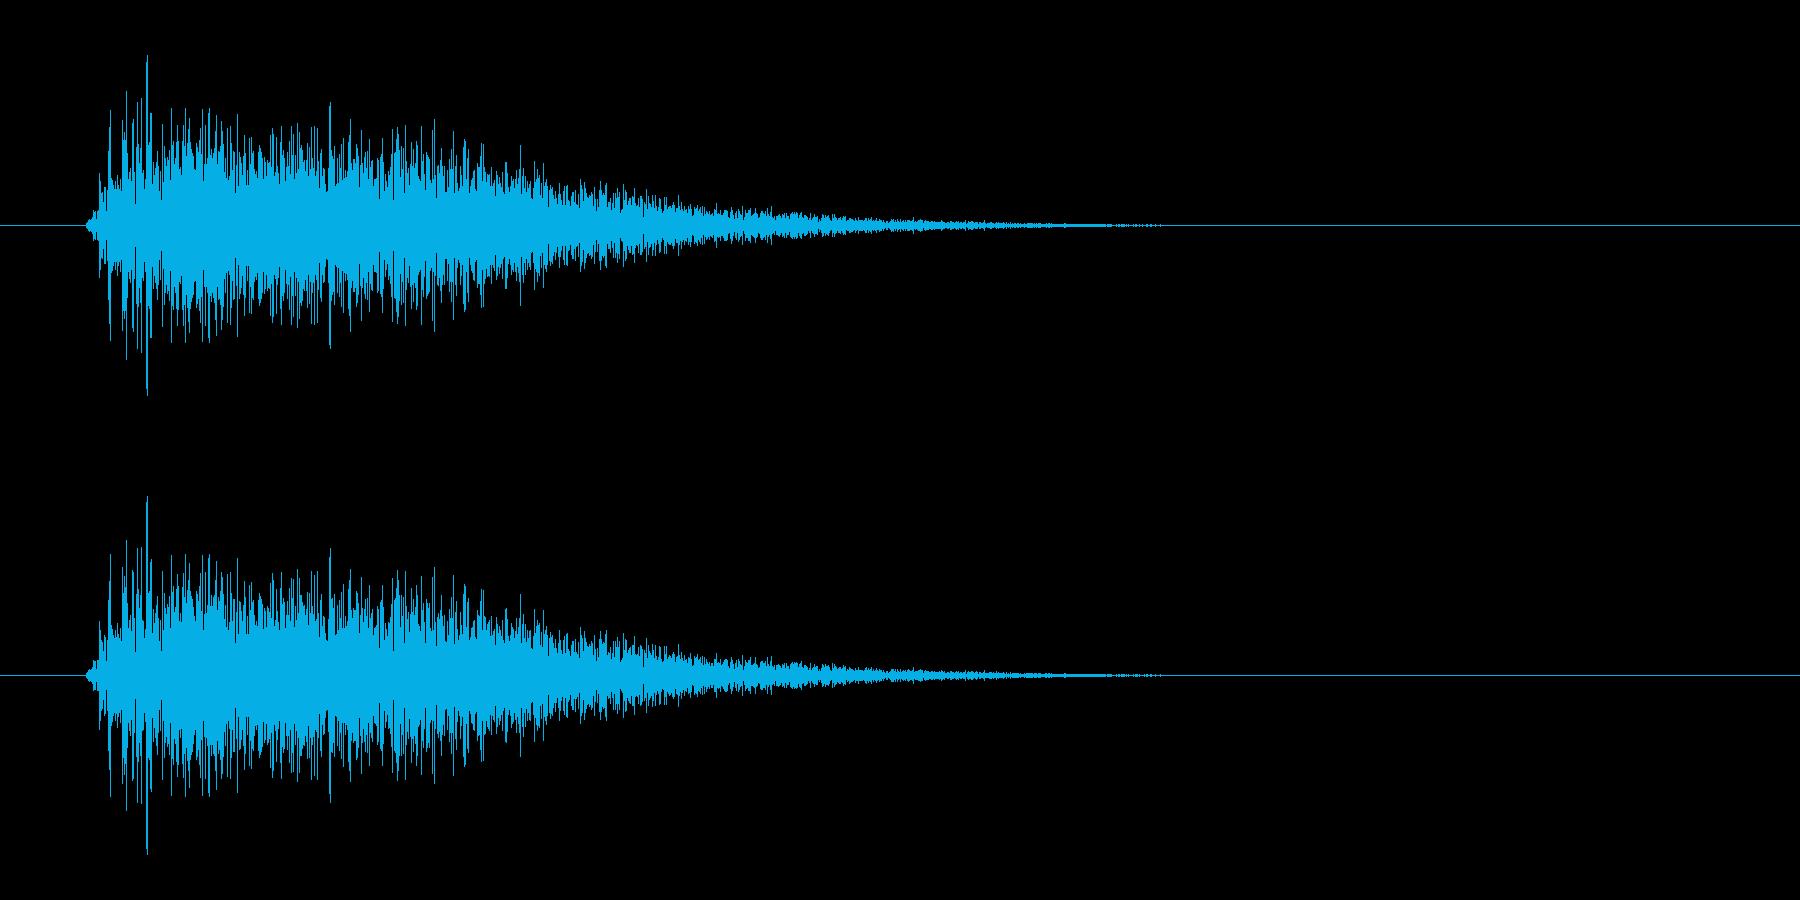 レーザー音-11-3の再生済みの波形